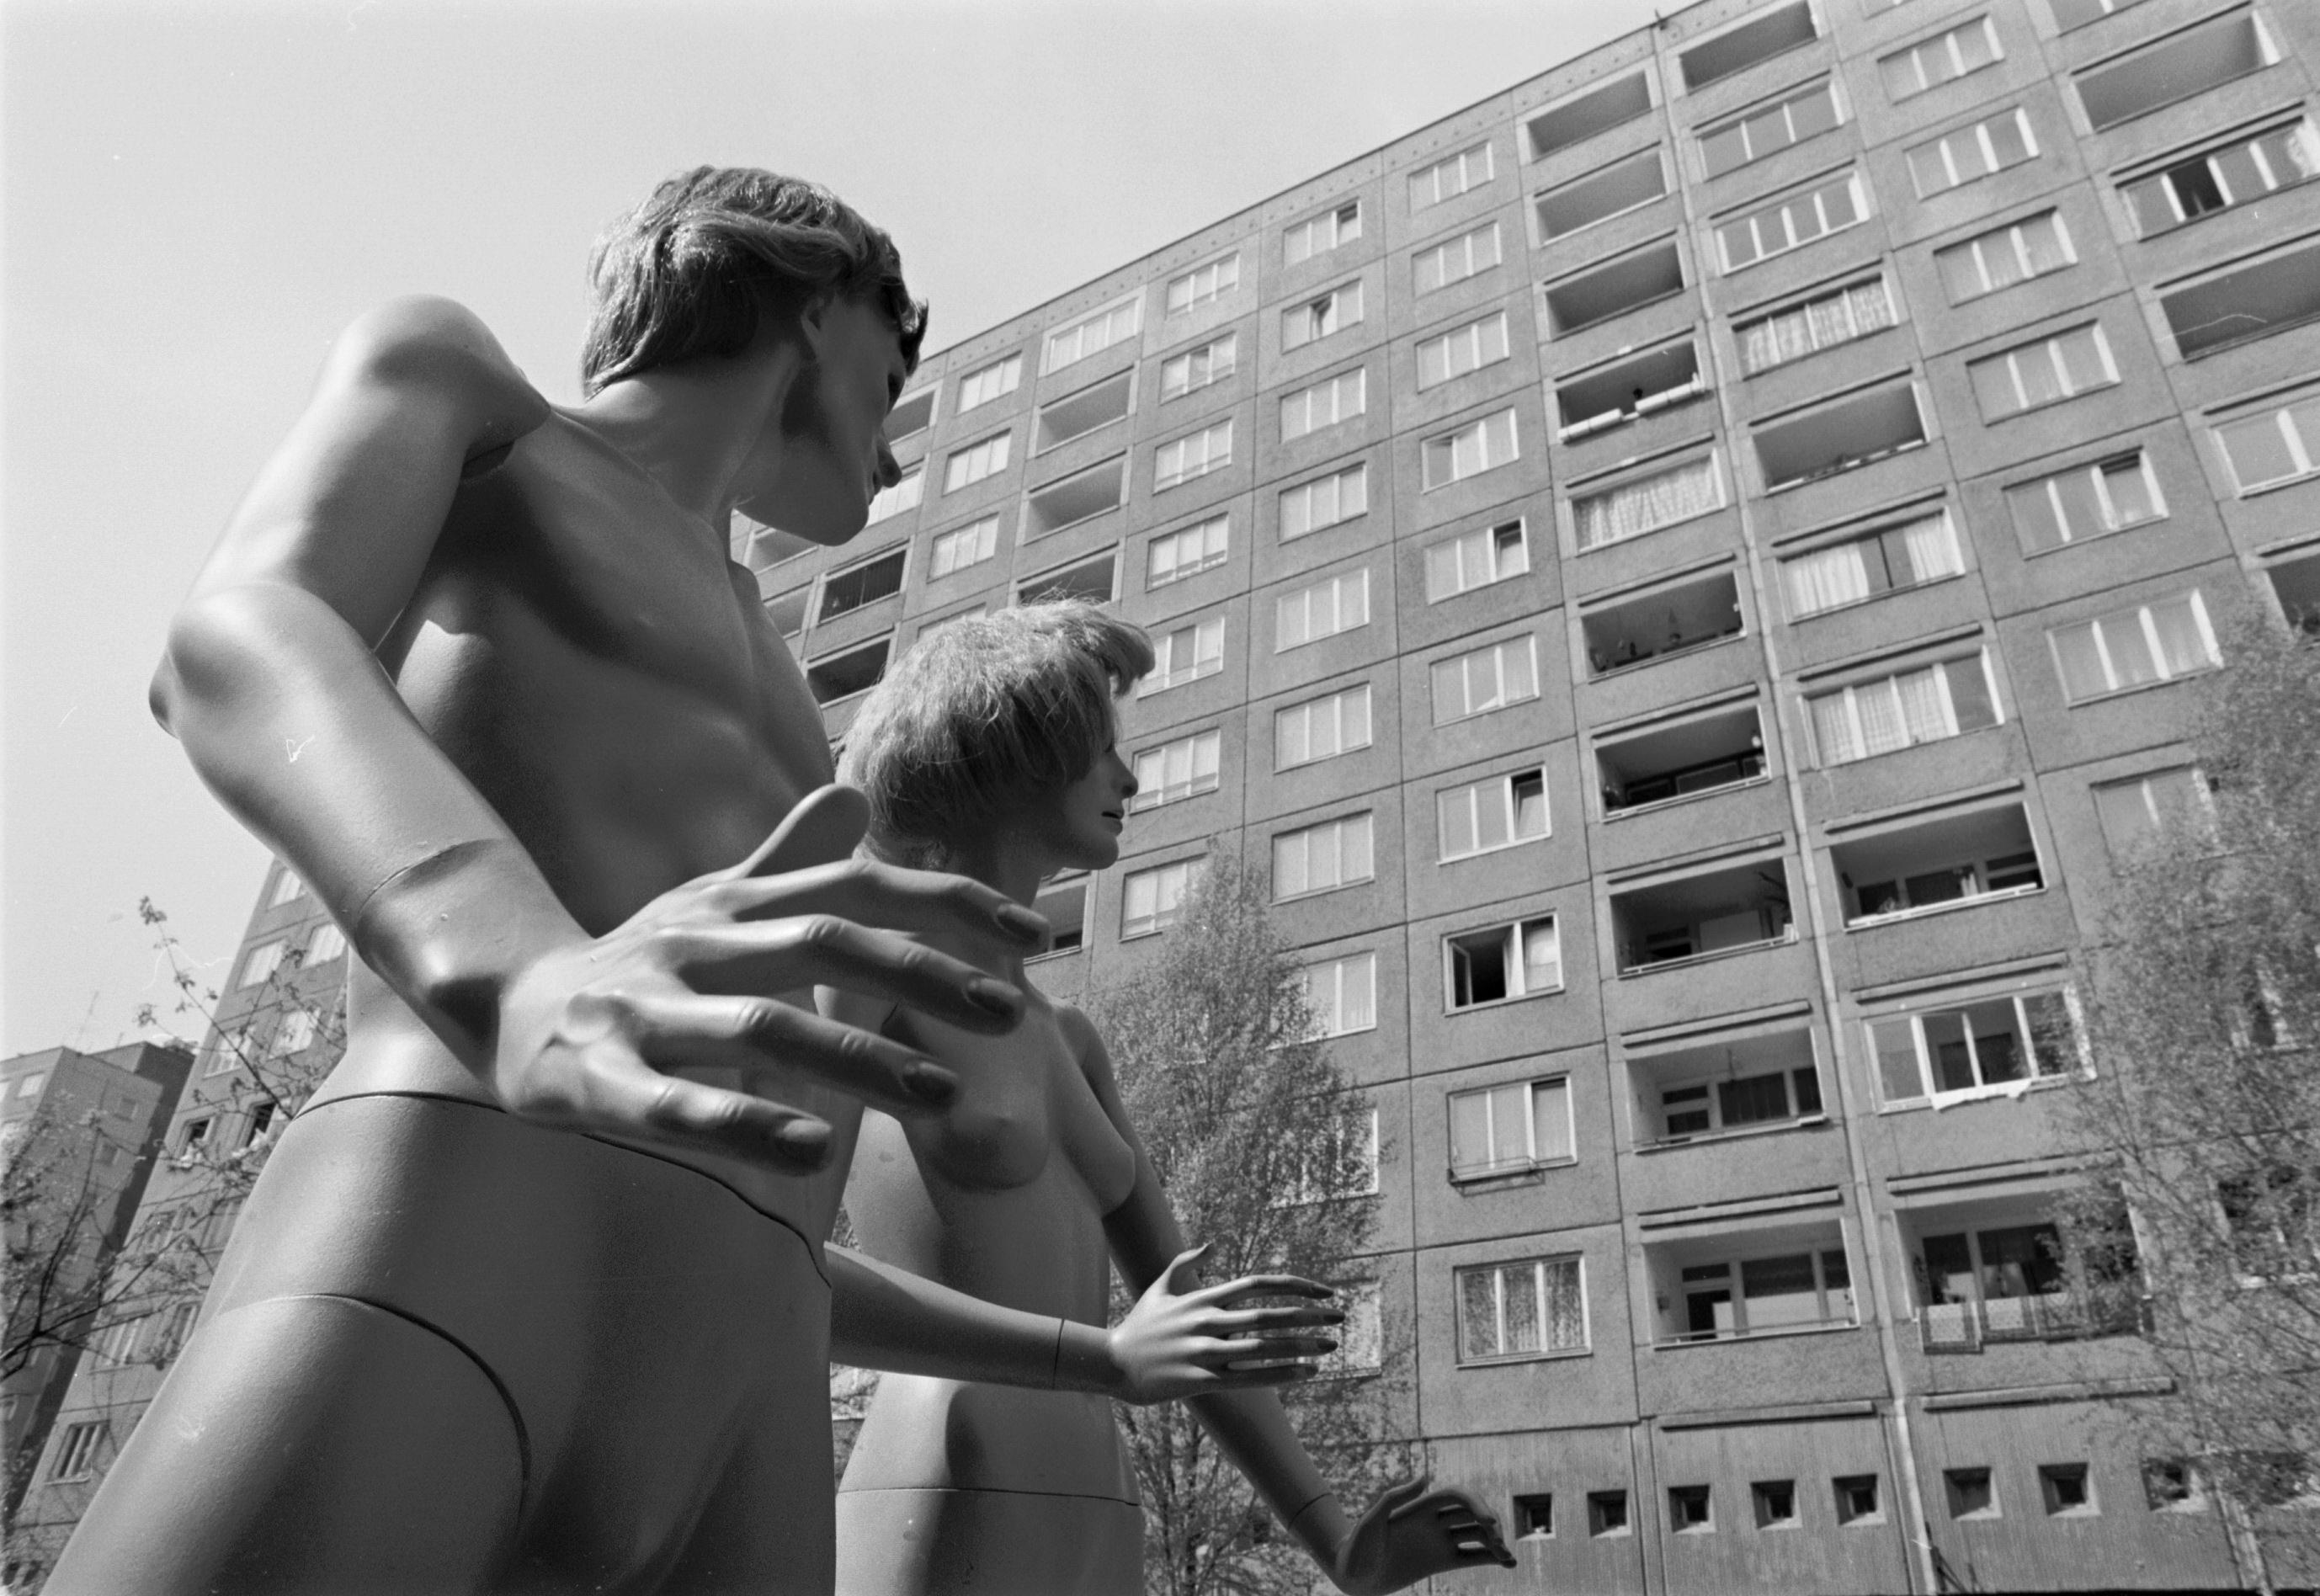 Kiss-Kuntler Árpád: Lakógép (részlet a sorozatból), Batha Lászlóval közösen, 1984 © Kiss-Kuntler Árpád